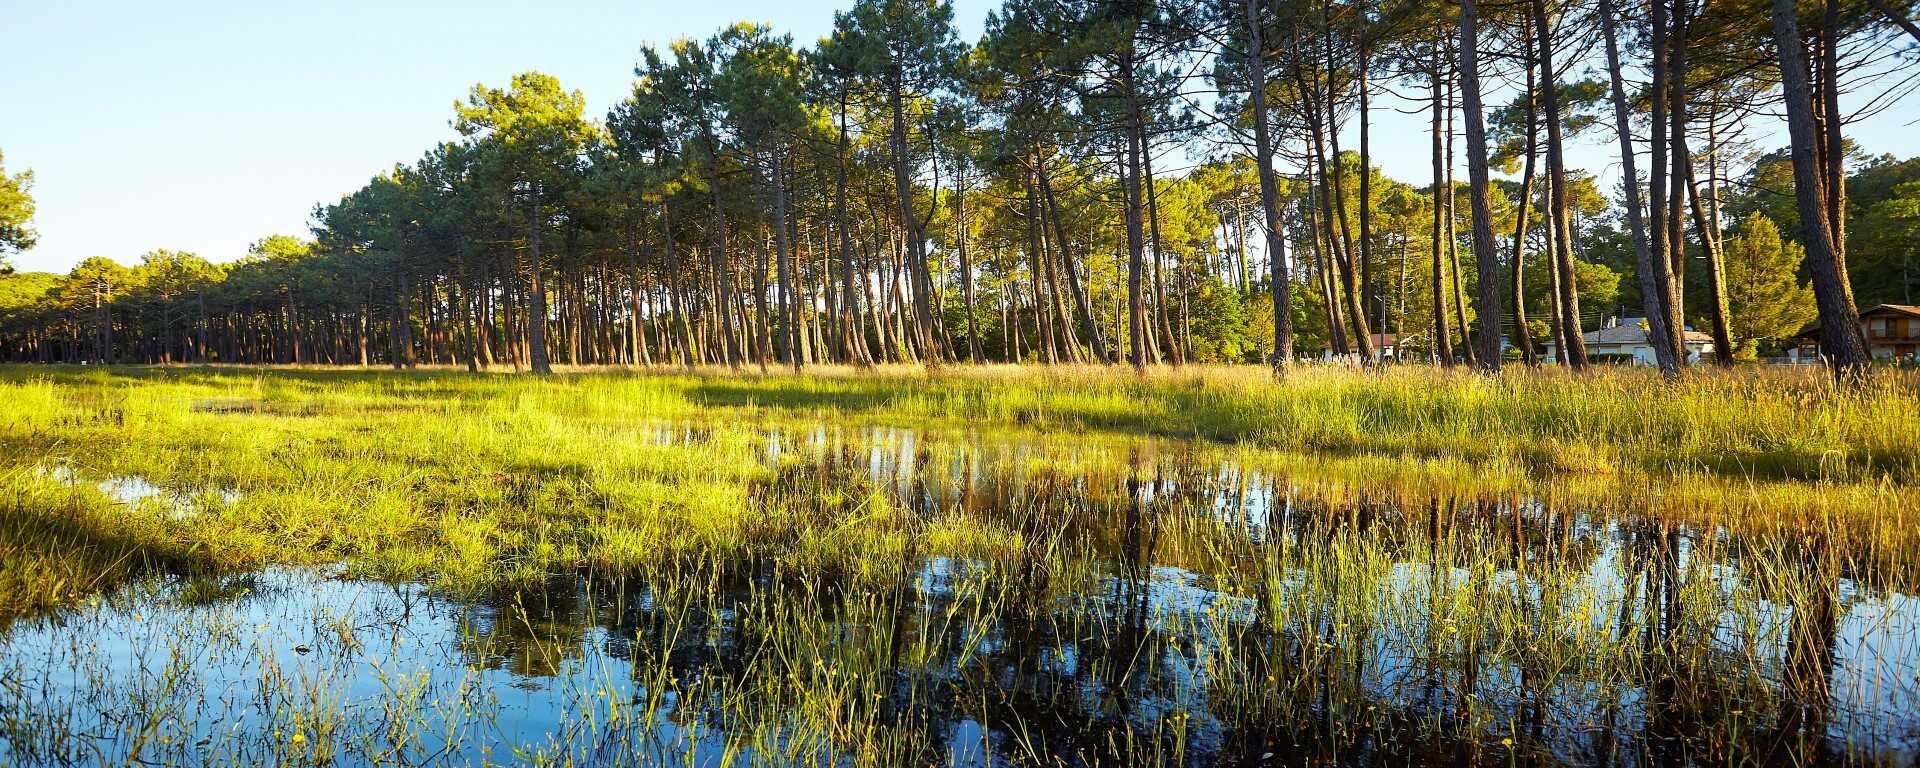 Piste Cyclable Dans Les Landes Une Semaine De Velo Du Bassin D Arcachon A Bayonne